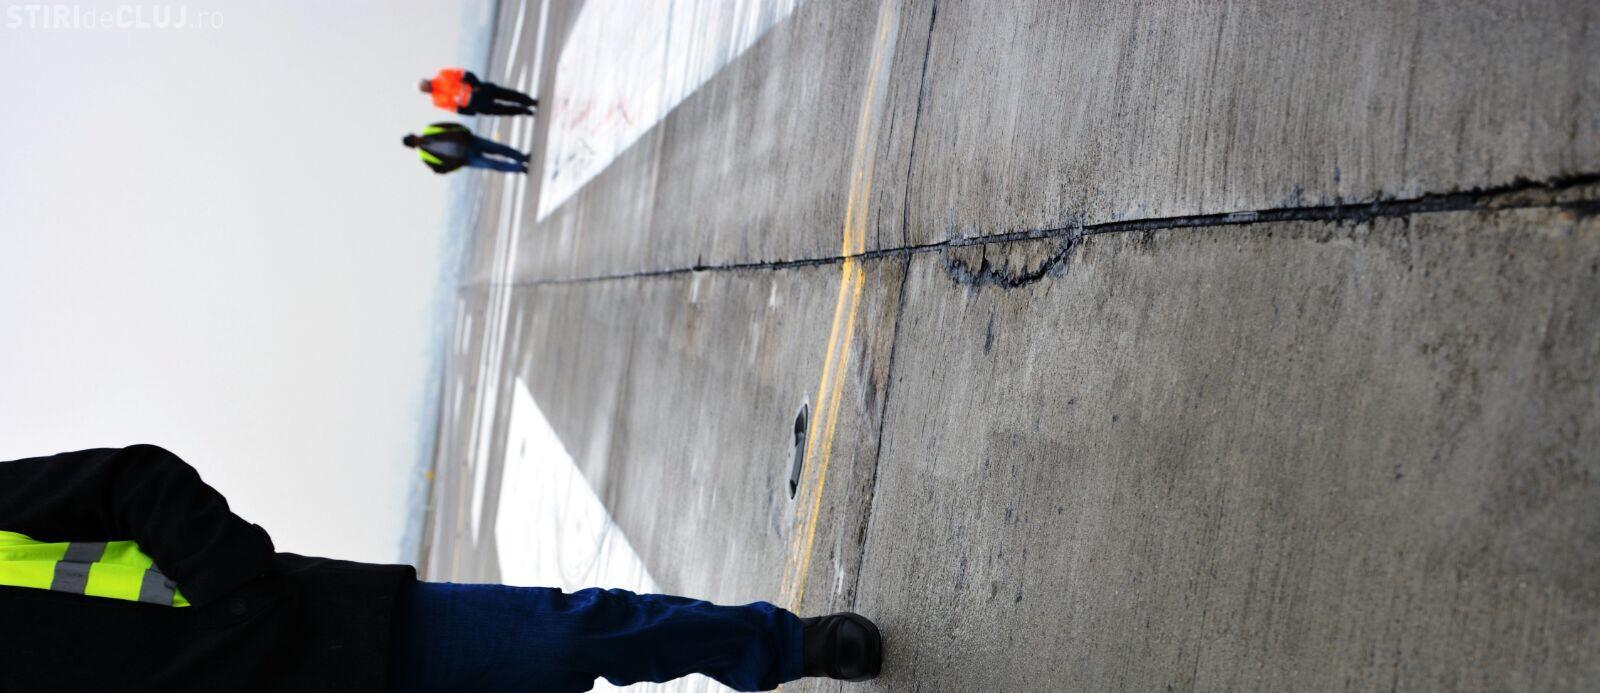 CJ Cluj susține că pista de la Aeroport are probleme. SC Napoca se apăra: totul e la standard